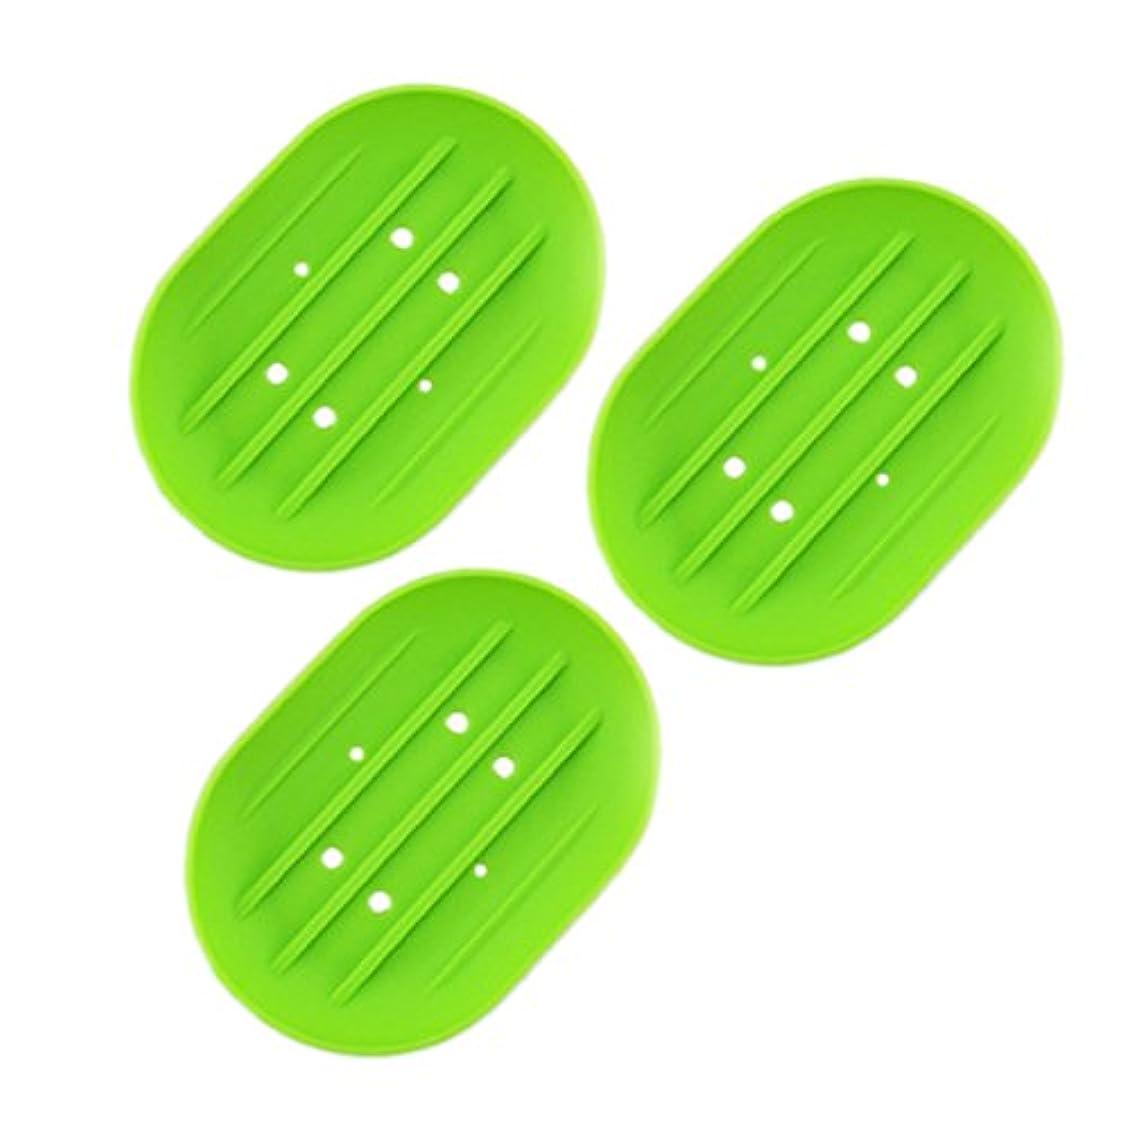 重要な役割を果たす、中心的な手段となる先祖簡潔なBESTOMZ ソープディッシュソープホルダー, 石鹸トレイ乾燥石鹸バー 浴室用キッチン用3連グリーン用